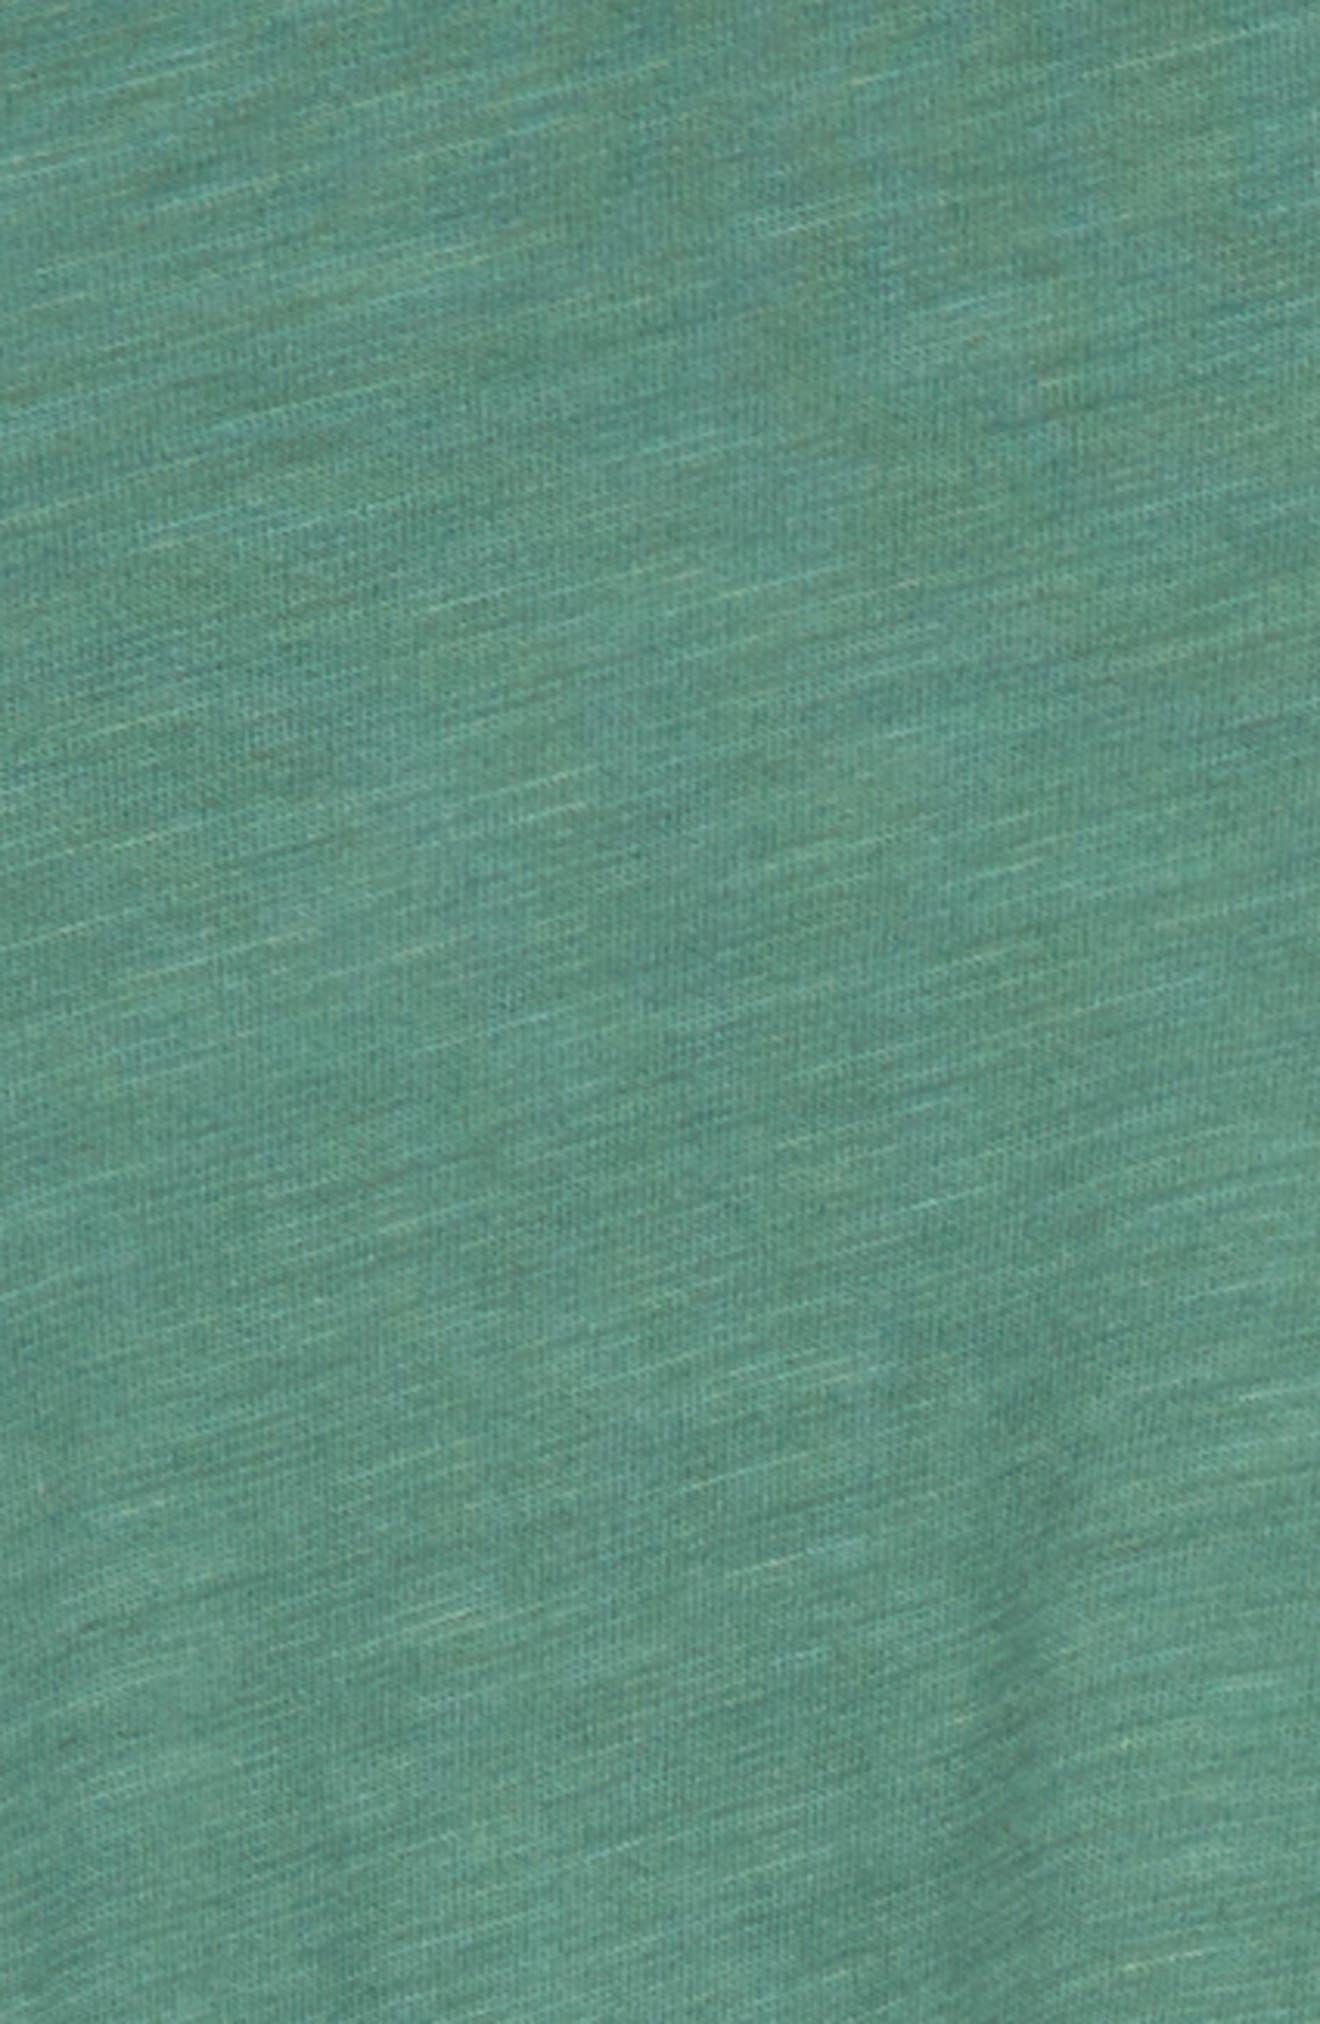 Raglan T-Shirt & Jogger Pants Set,                             Alternate thumbnail 2, color,                             TREE LINE 2